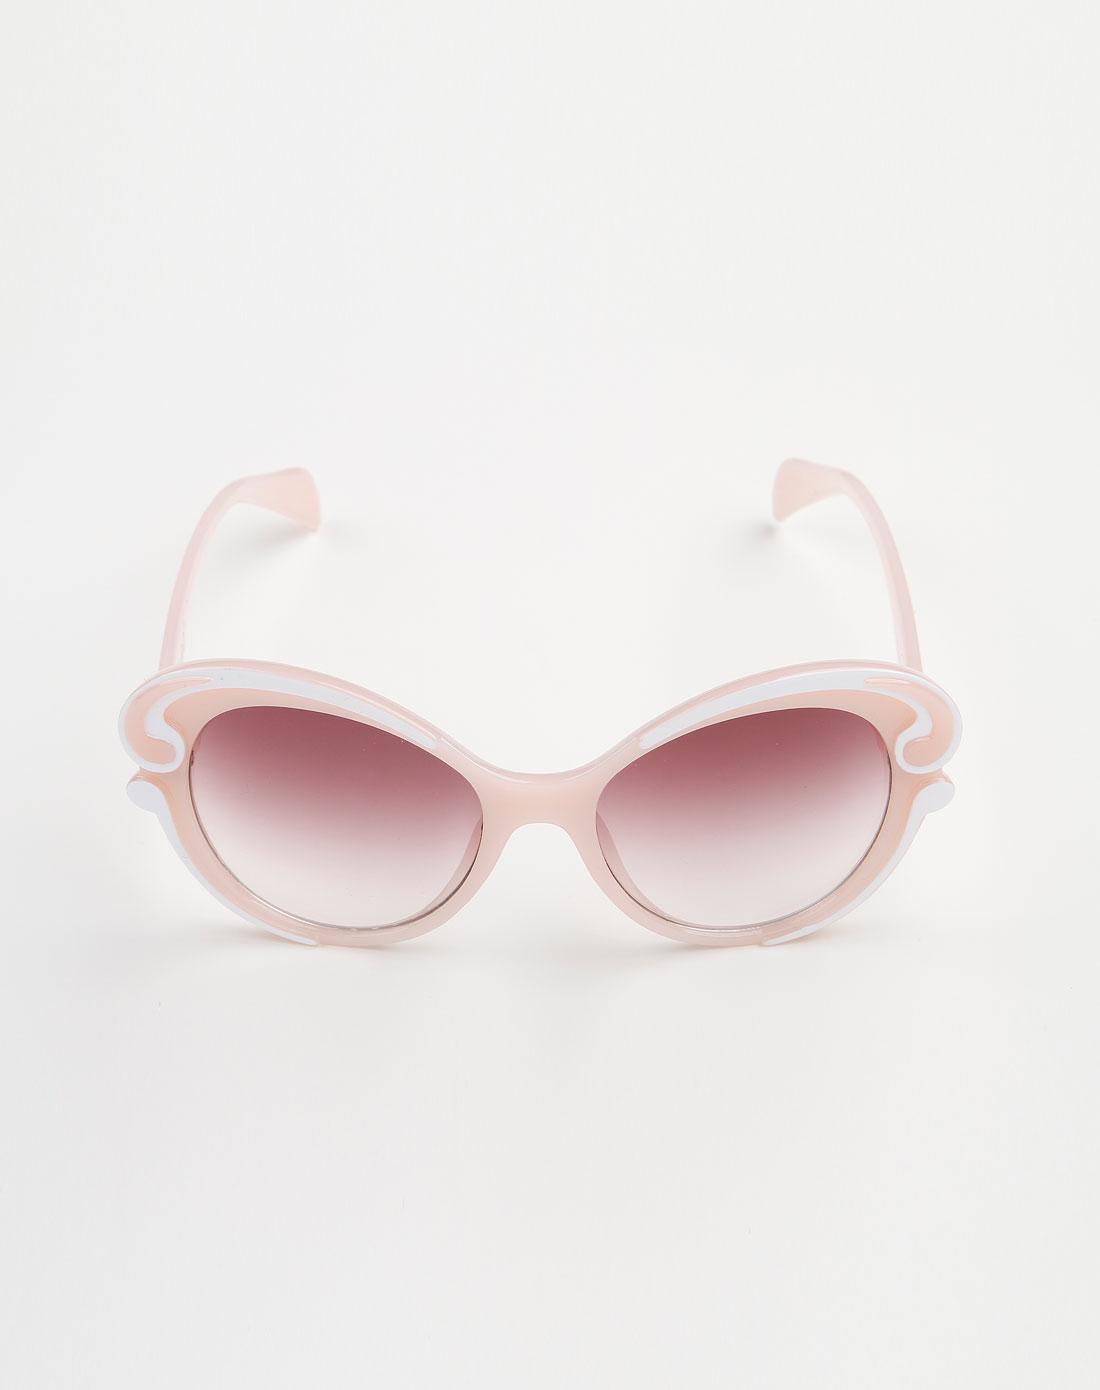 红/白/粉色可爱眼镜